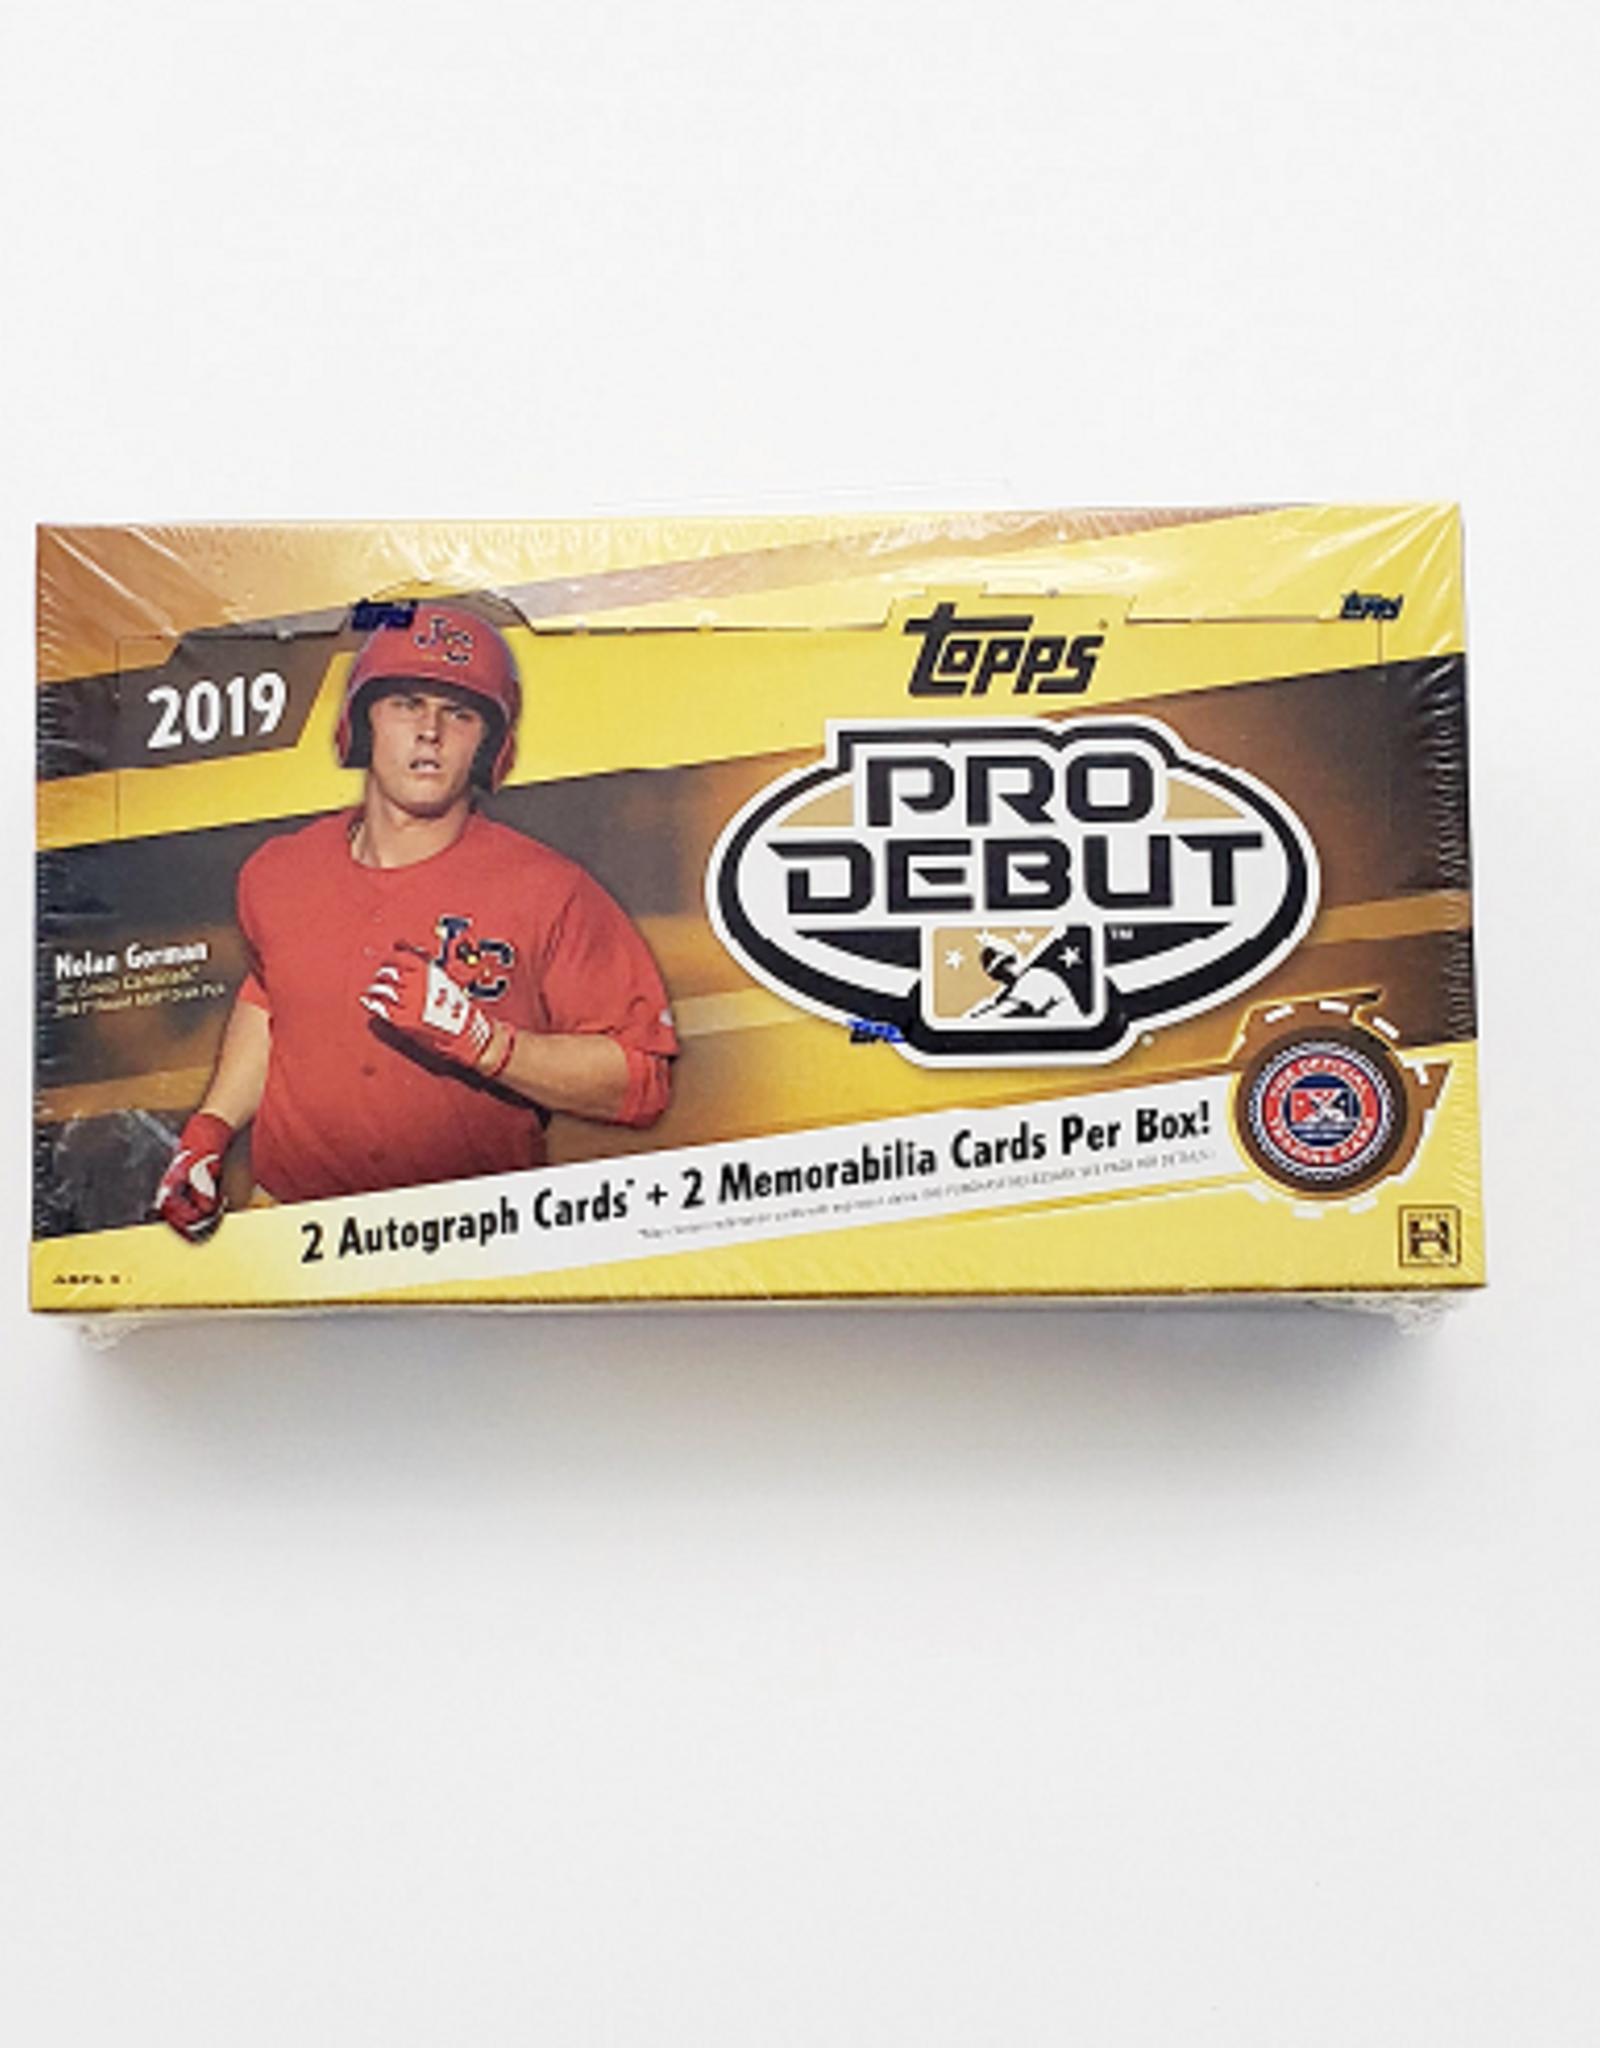 Topps 2019 Topps Pro Debut Baseball